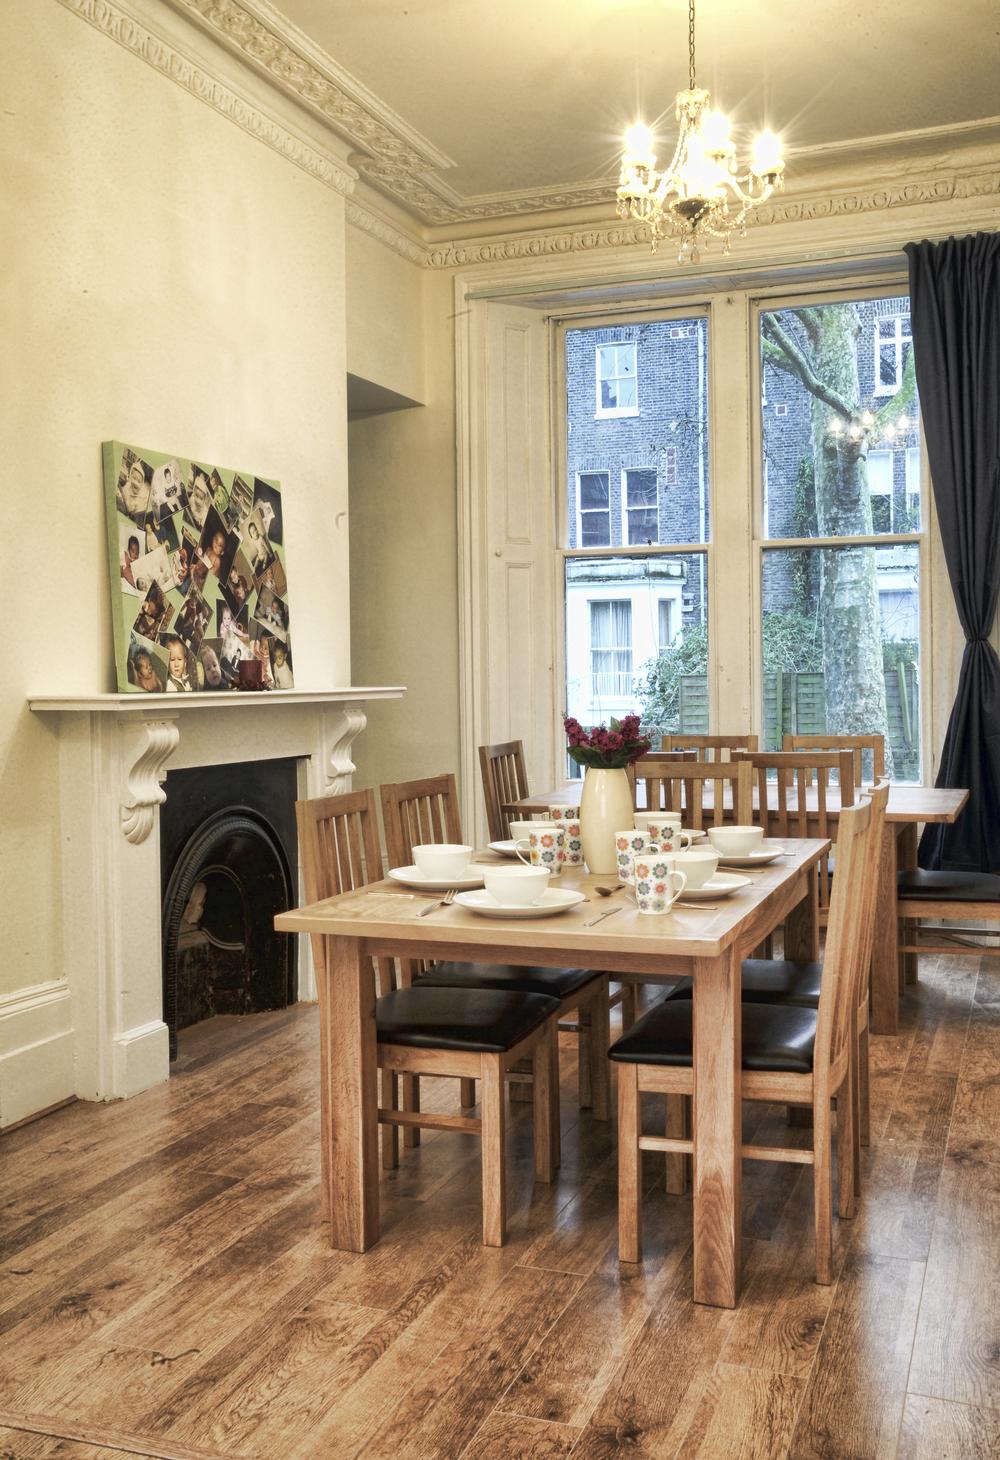 La nostra sala da pranzo è elegante, come qualsiasi altra cosa qui, ed è la zona ideale dove iniziare una conversazione con altri viaggiatori.